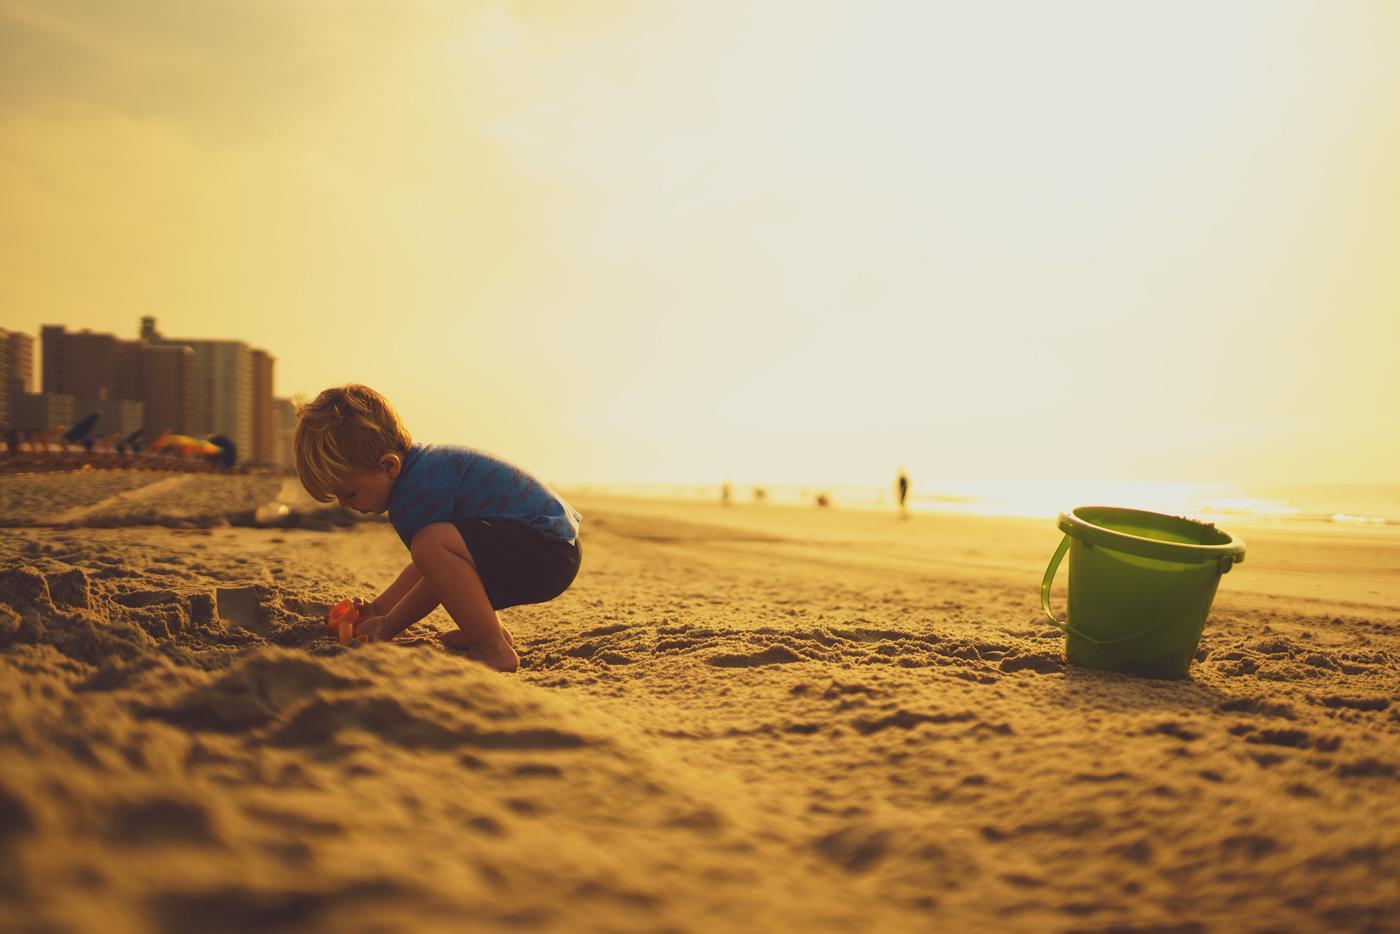 giochi da fare in spiaggia - bambino sulla sabbia